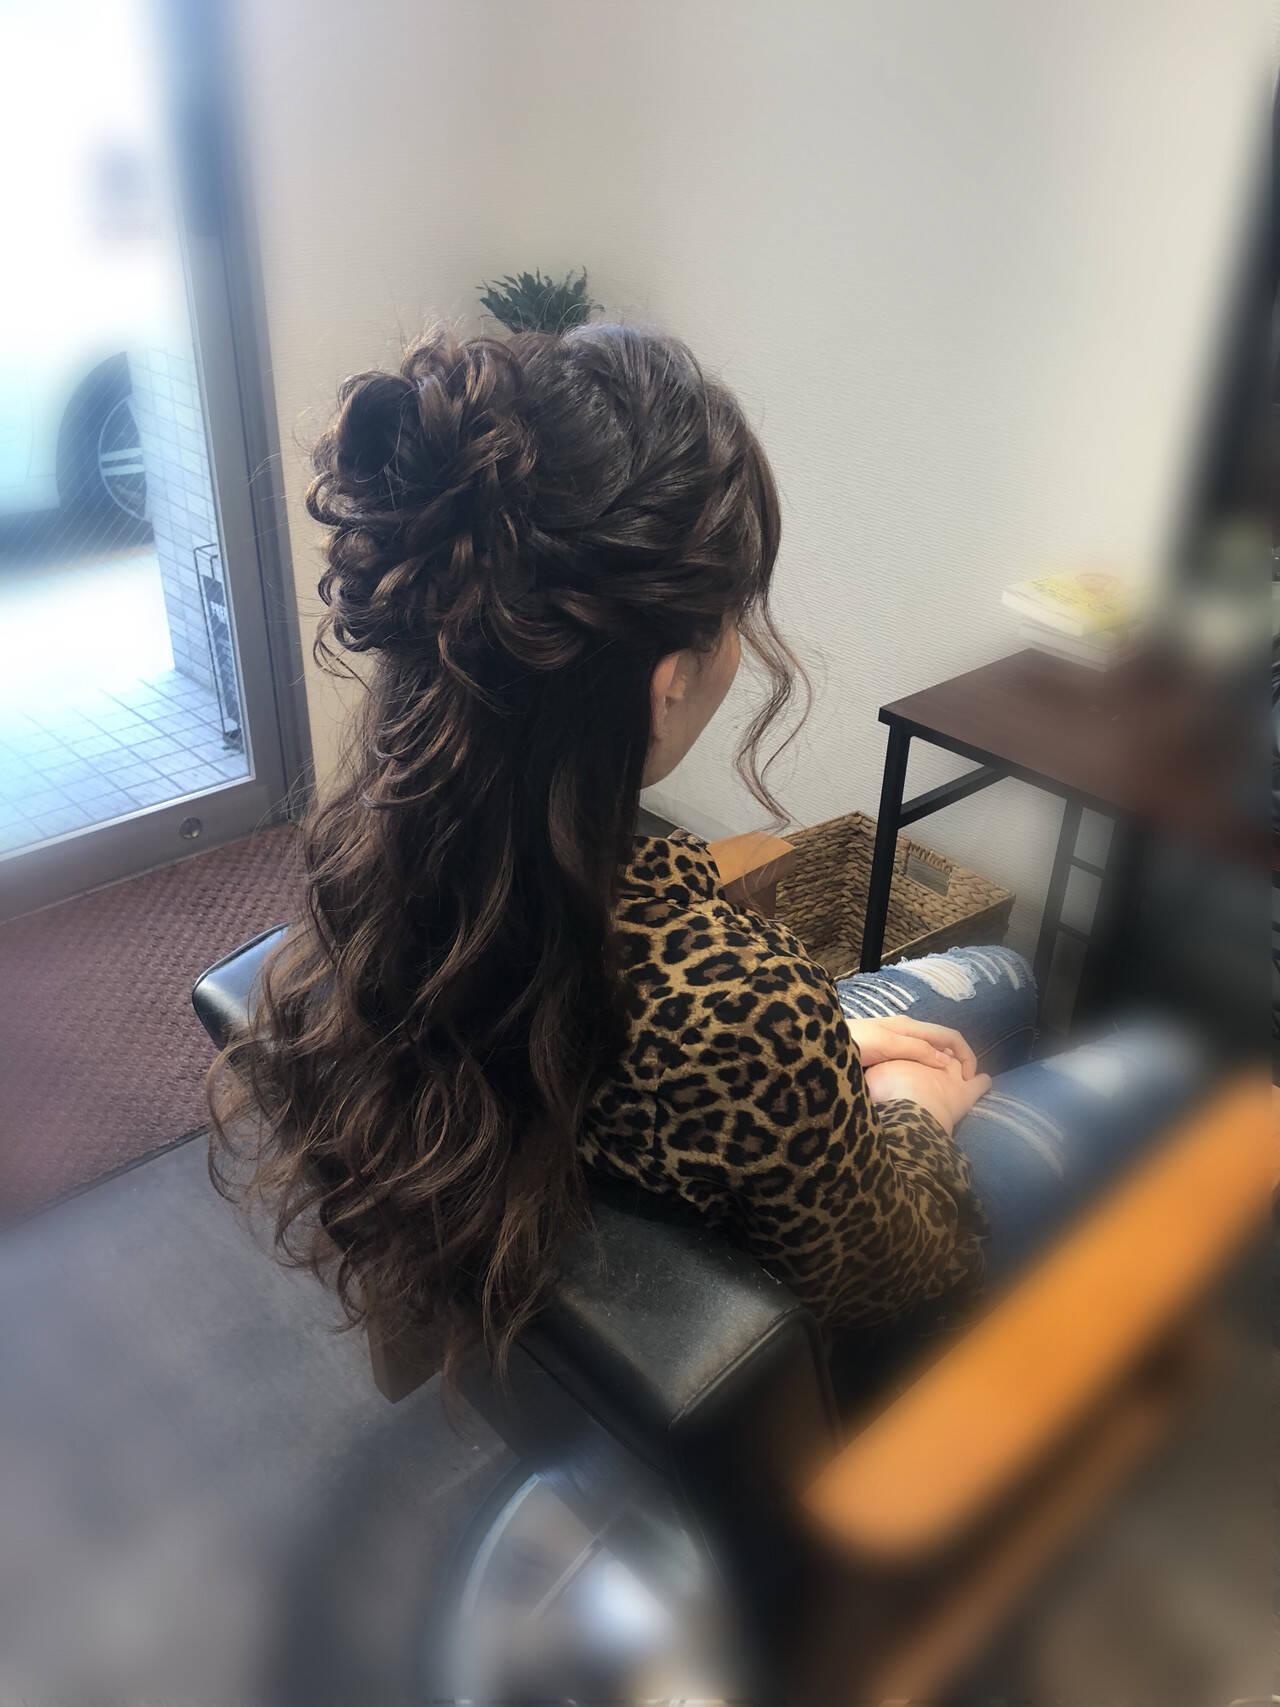 ヘアアレンジ 結婚式ヘアアレンジ ねじり ハーフアップヘアスタイルや髪型の写真・画像